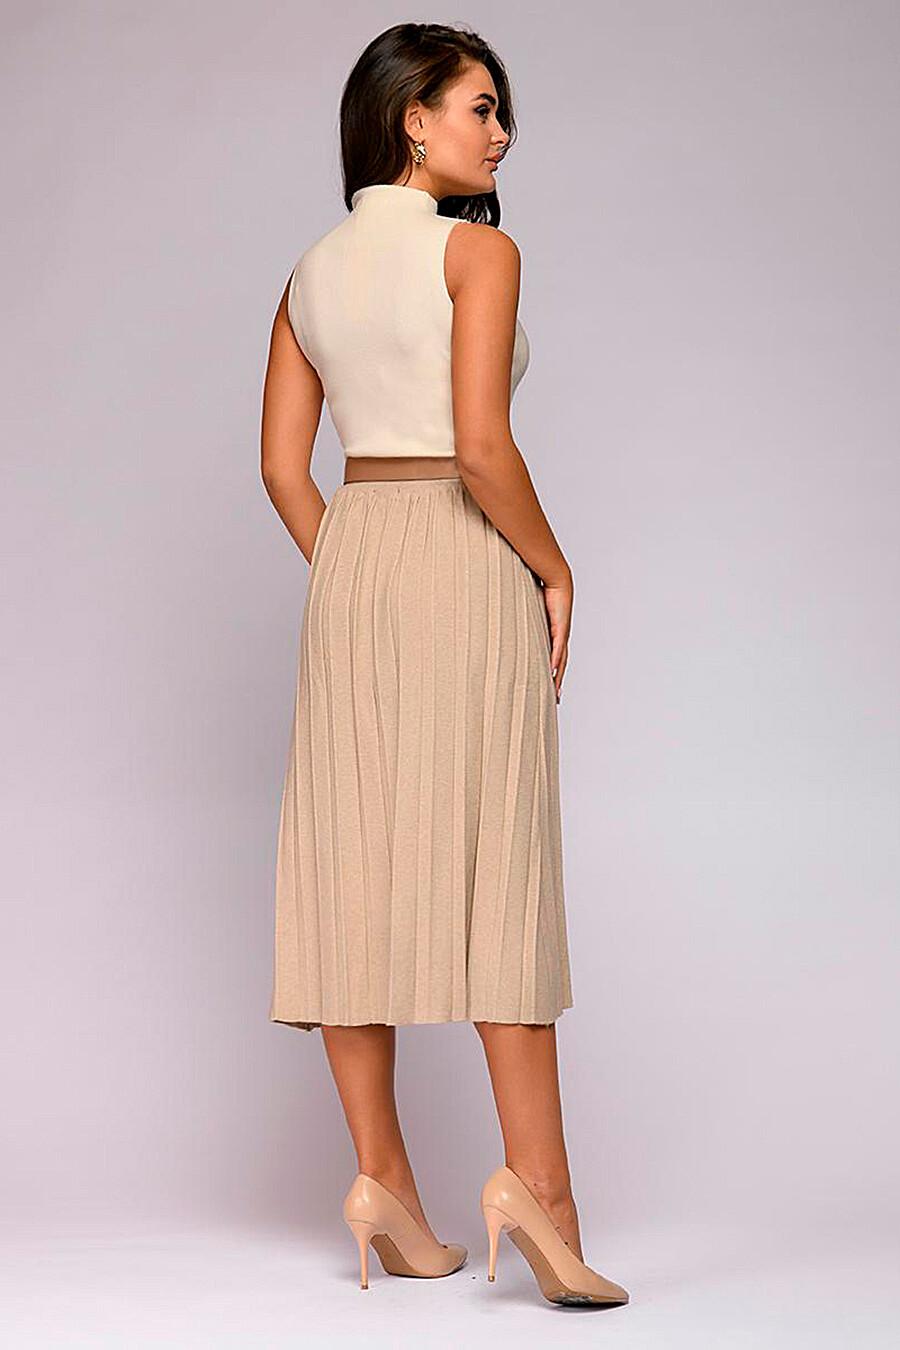 Юбка для женщин 1001 DRESS 260450 купить оптом от производителя. Совместная покупка женской одежды в OptMoyo